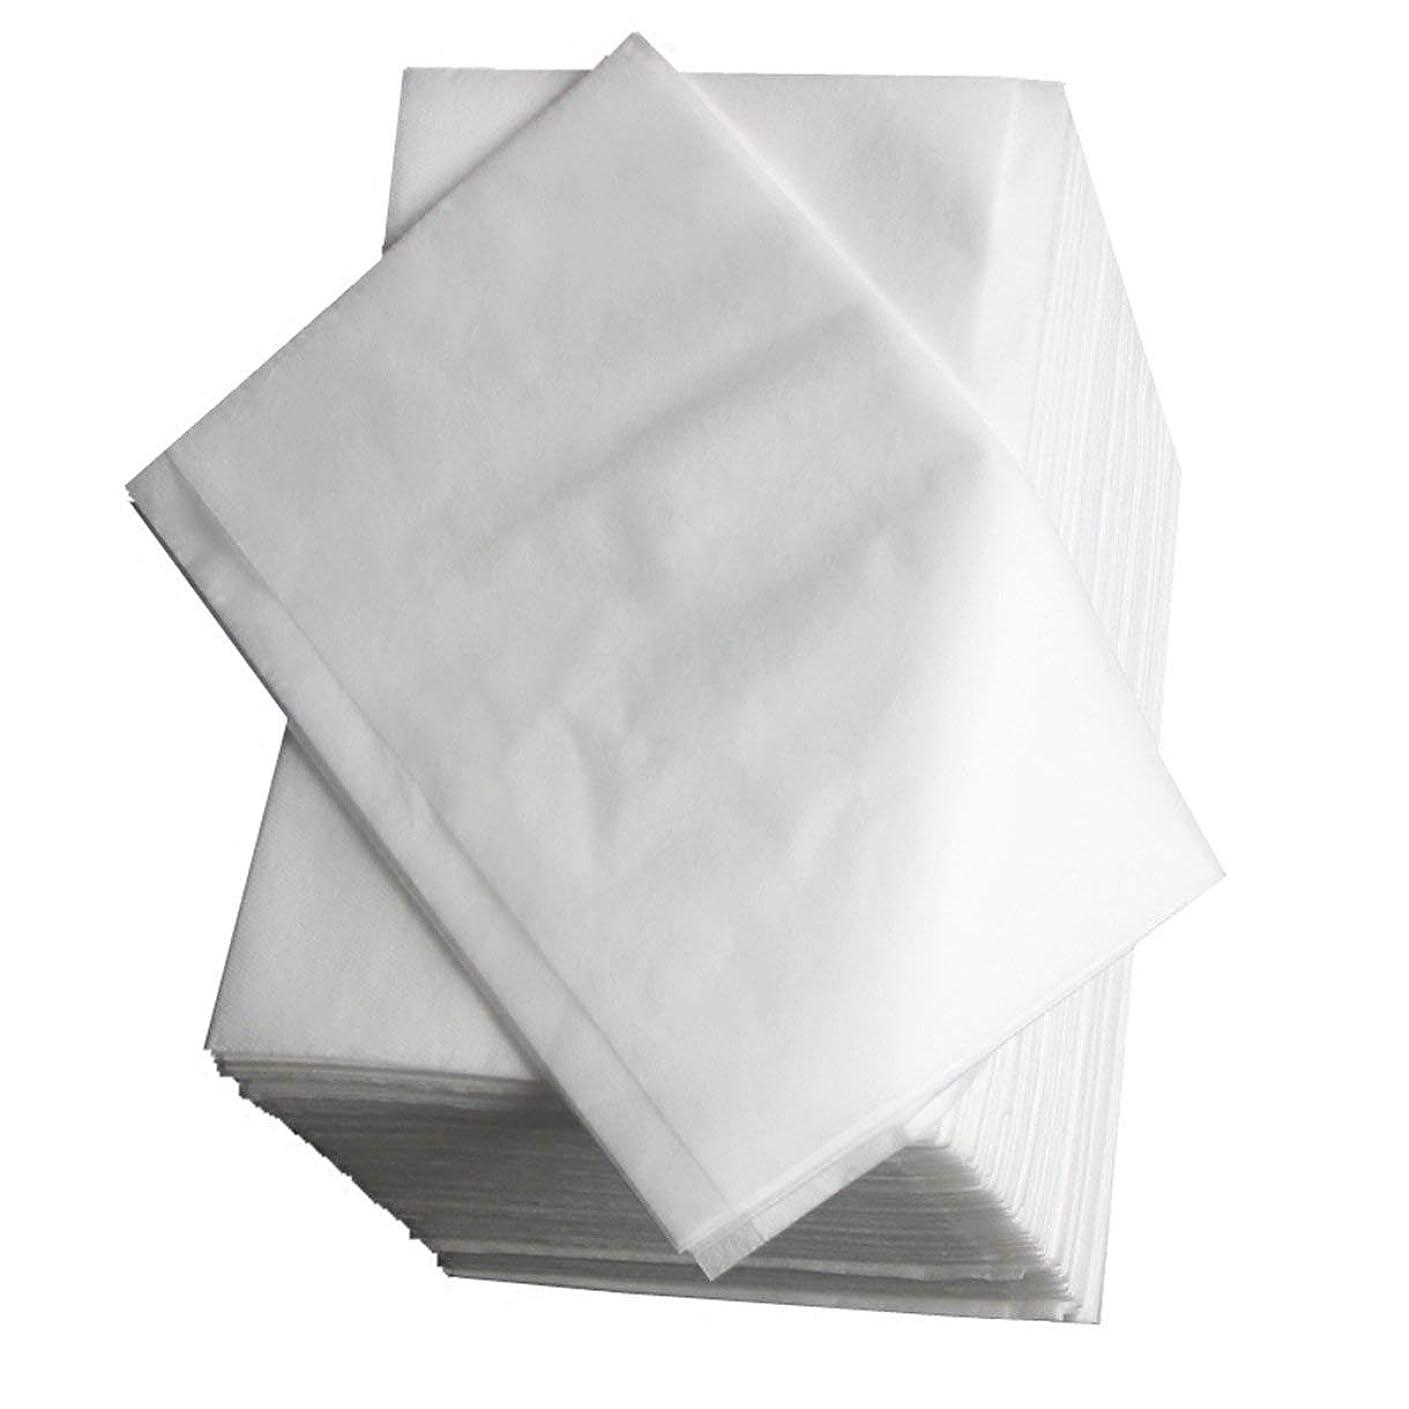 夕暮れ遠足釈義Disposable Bed Linen Beauty Salon Massage Travel Medical Non-woven Mattress Breathable Antibacterial Anti-infective